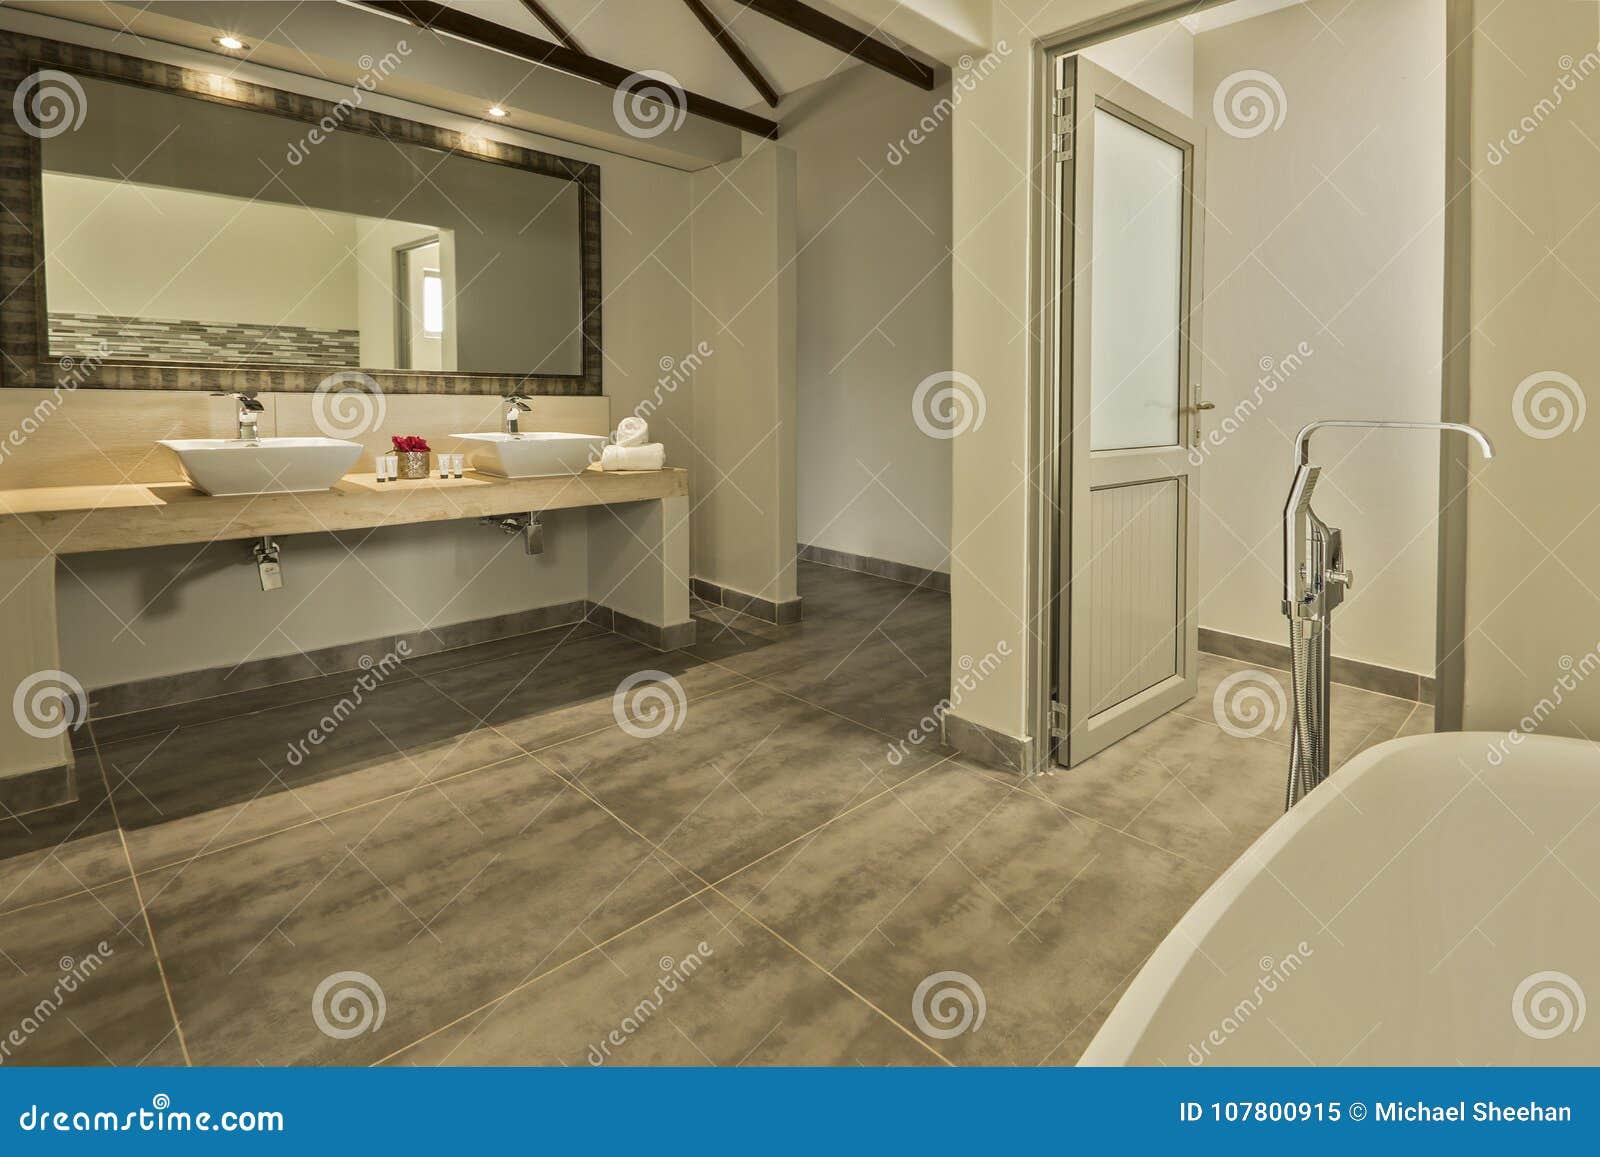 Cuarto De Baño Moderno Con Dos Lavabos Y Un Baño Imagen de archivo ...